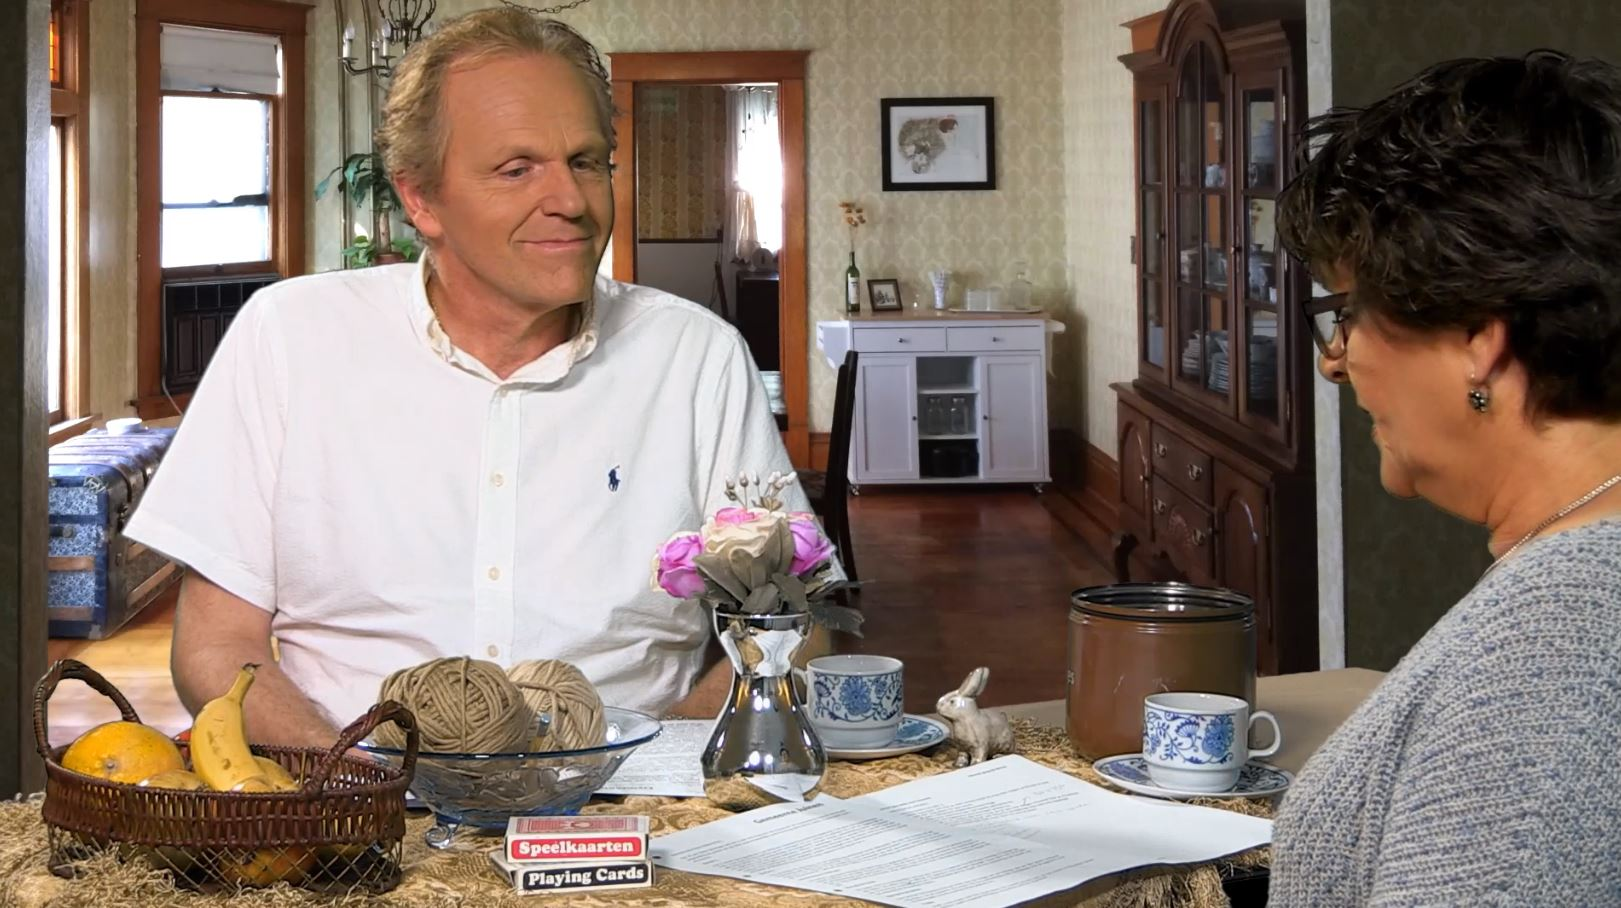 mr. Erik Klein Egelink in een huiskamer tijdens een interview